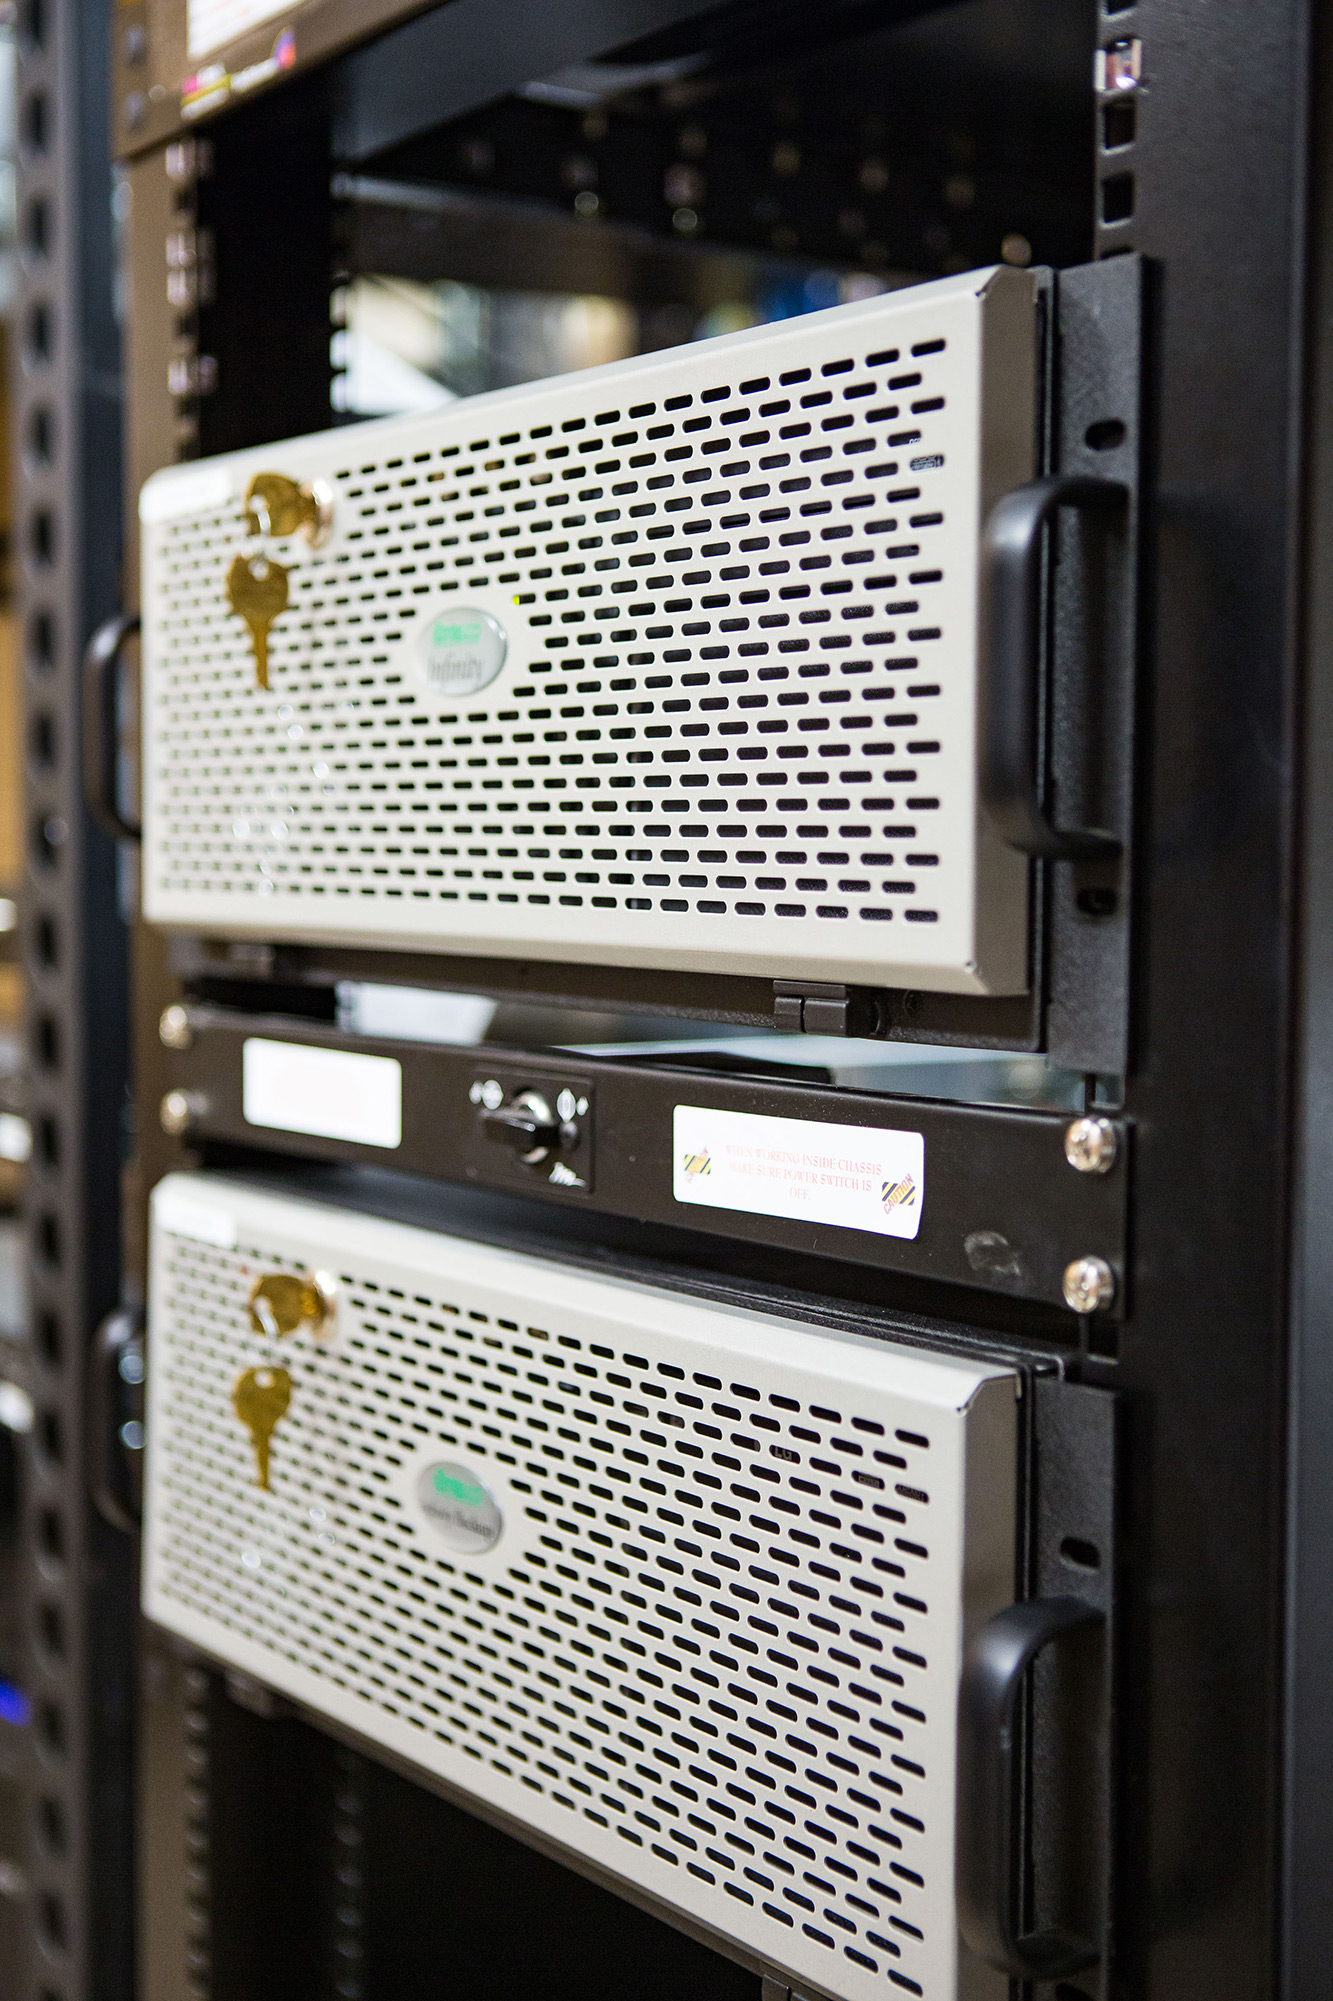 Two Amtelco 4u rack mount servers